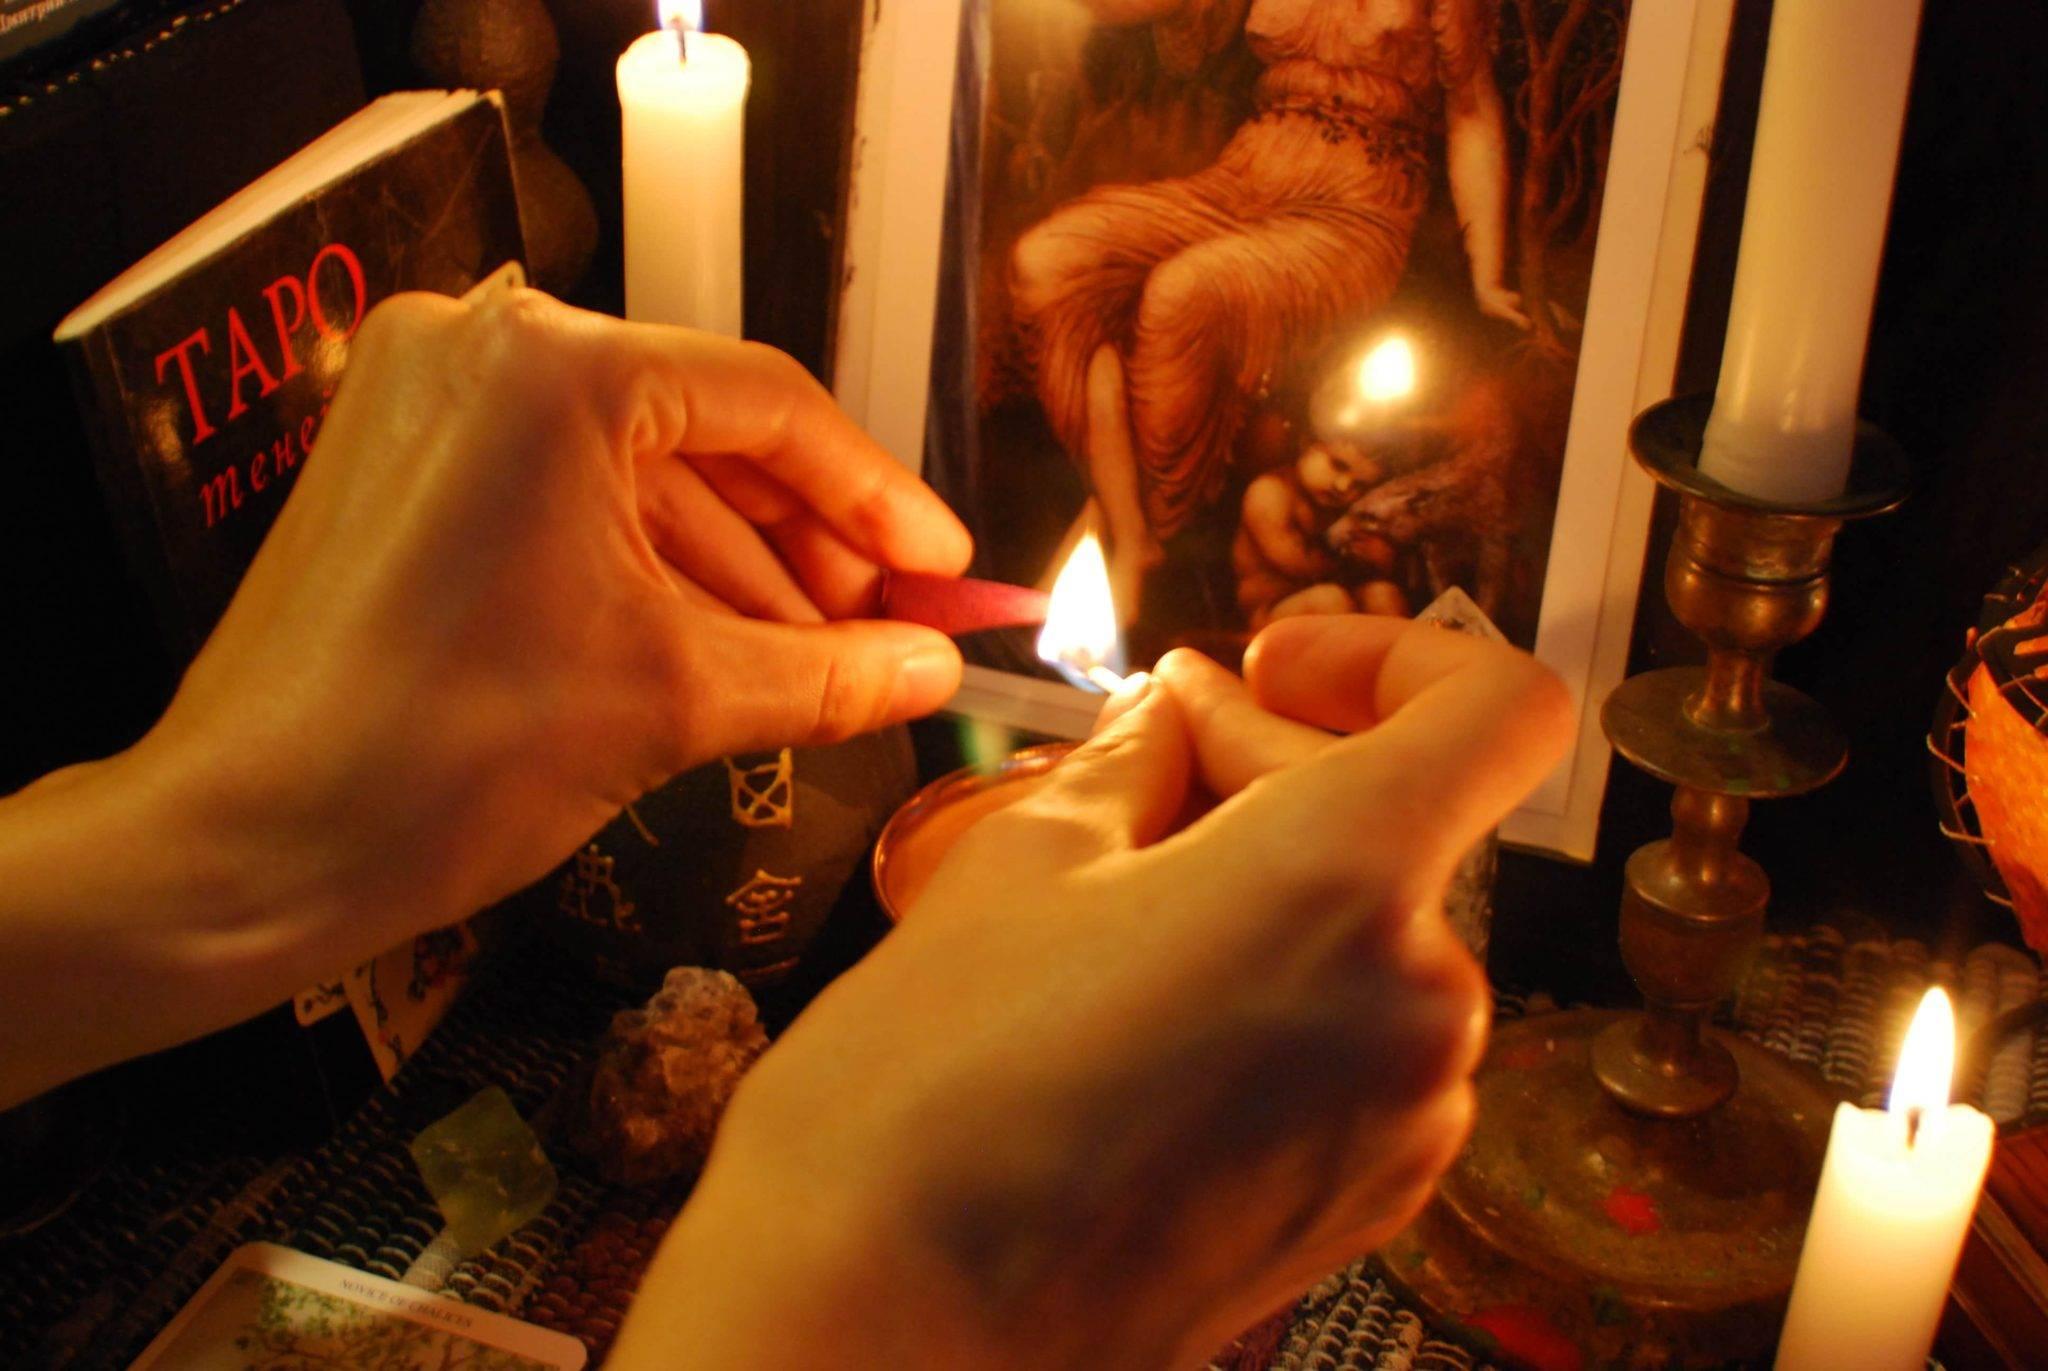 Приворот на кровь: последствия, как сделать на мужа, парня, отзывы